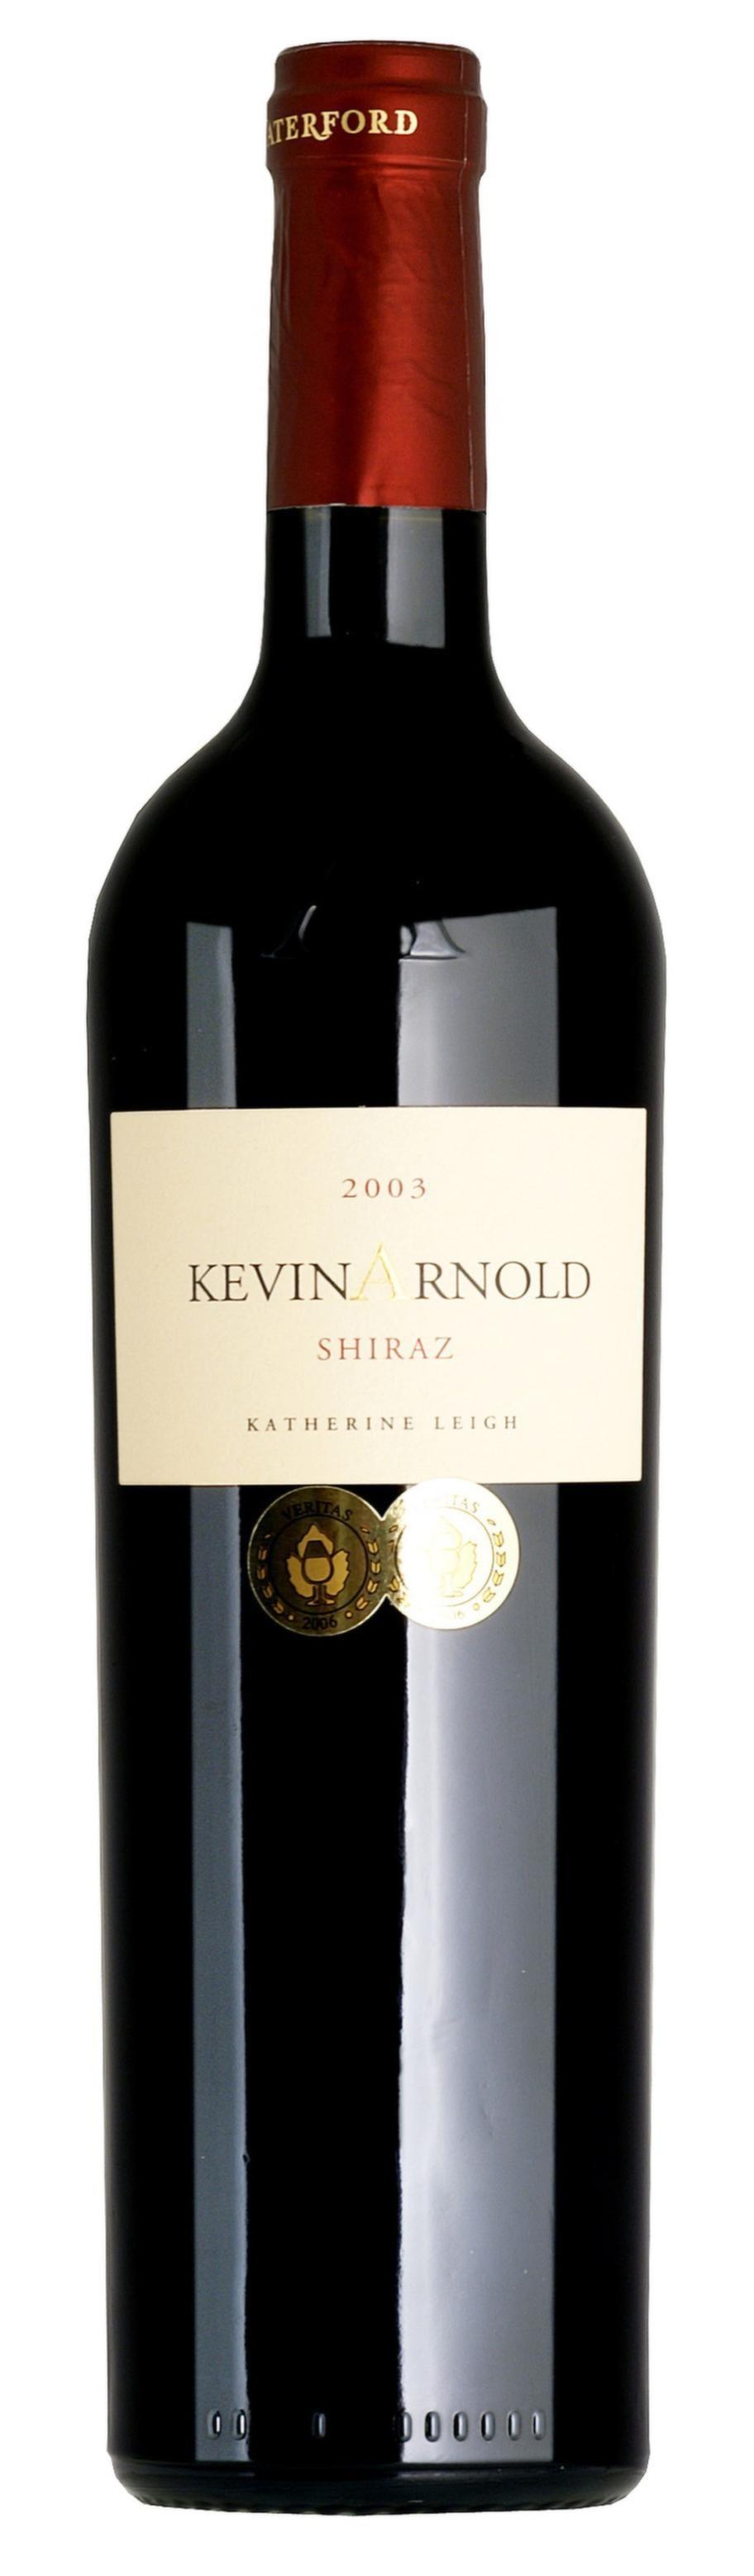 <strong>4 VINER ATT PROVA</strong><br>4. Kevin Arnold Shiraz 2008 (6506) Sydafrika, 189 kr